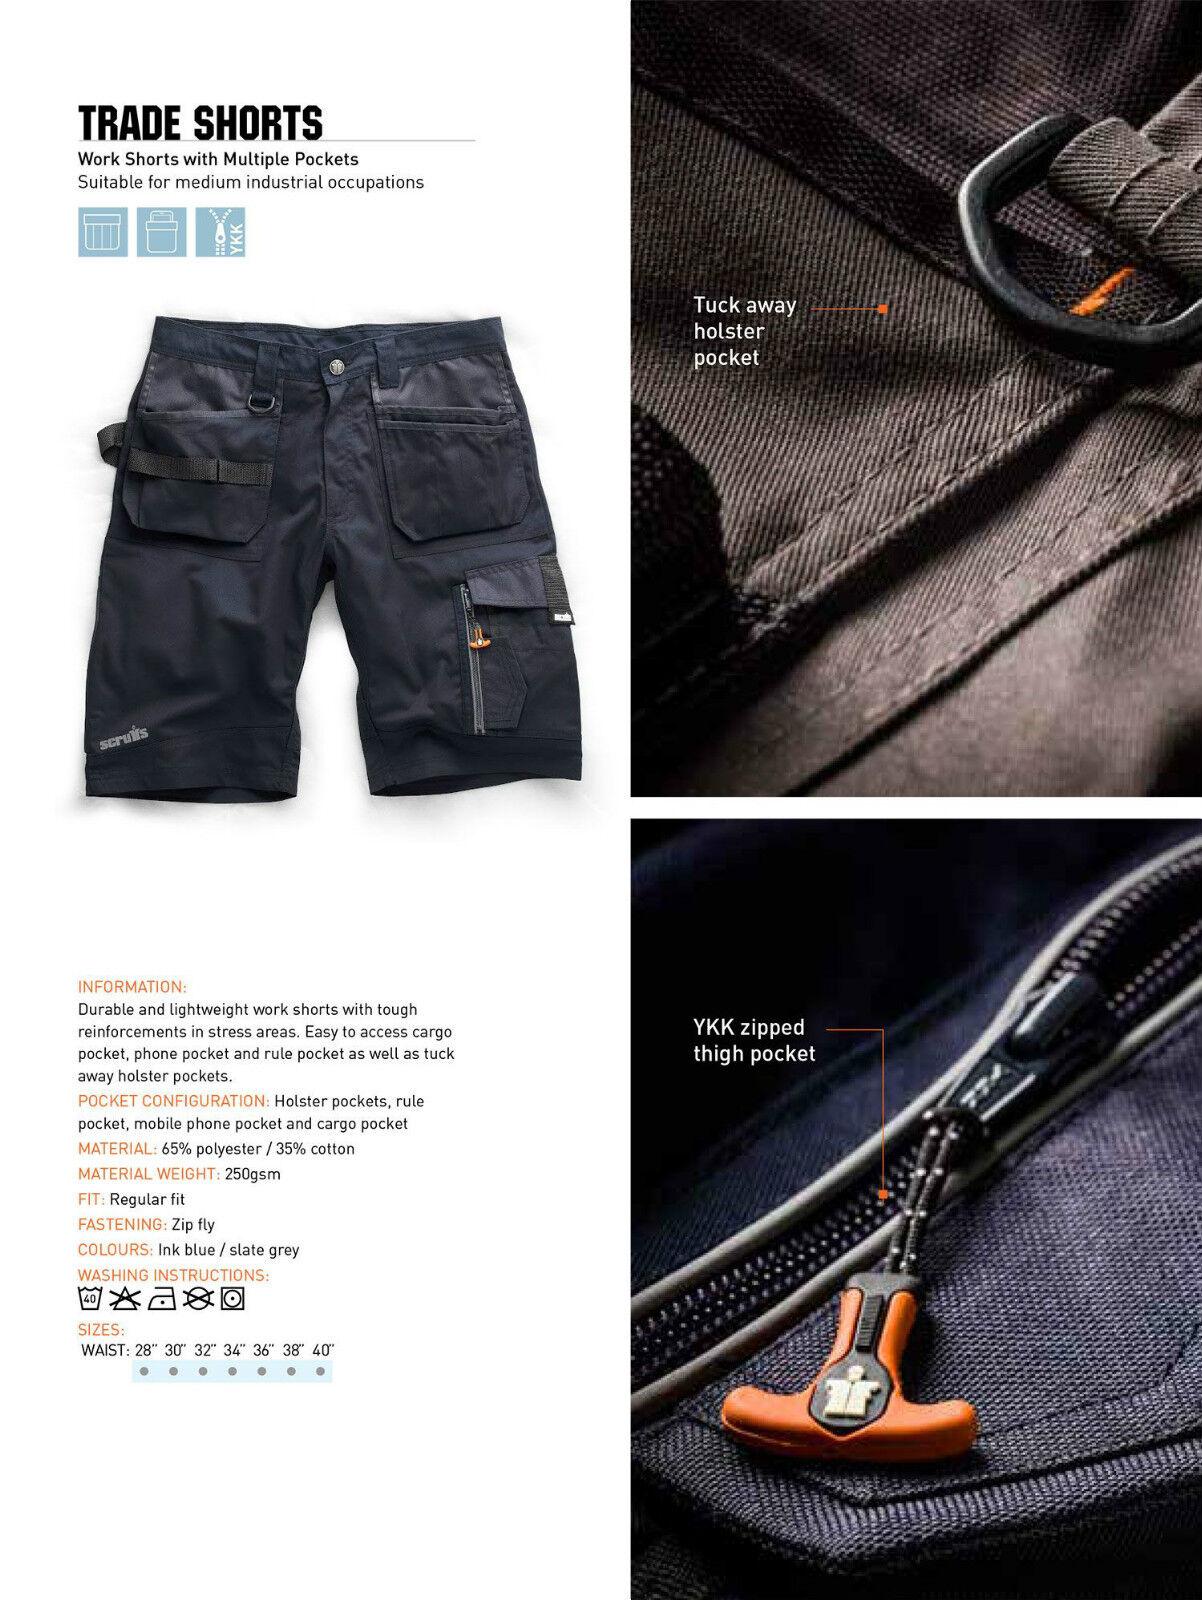 Scruffs Trade Lavoro Pantaloncini Pantaloncini Pantaloncini Confezione doppia blu più Tasche Cargo combattimento resistente ec5b47